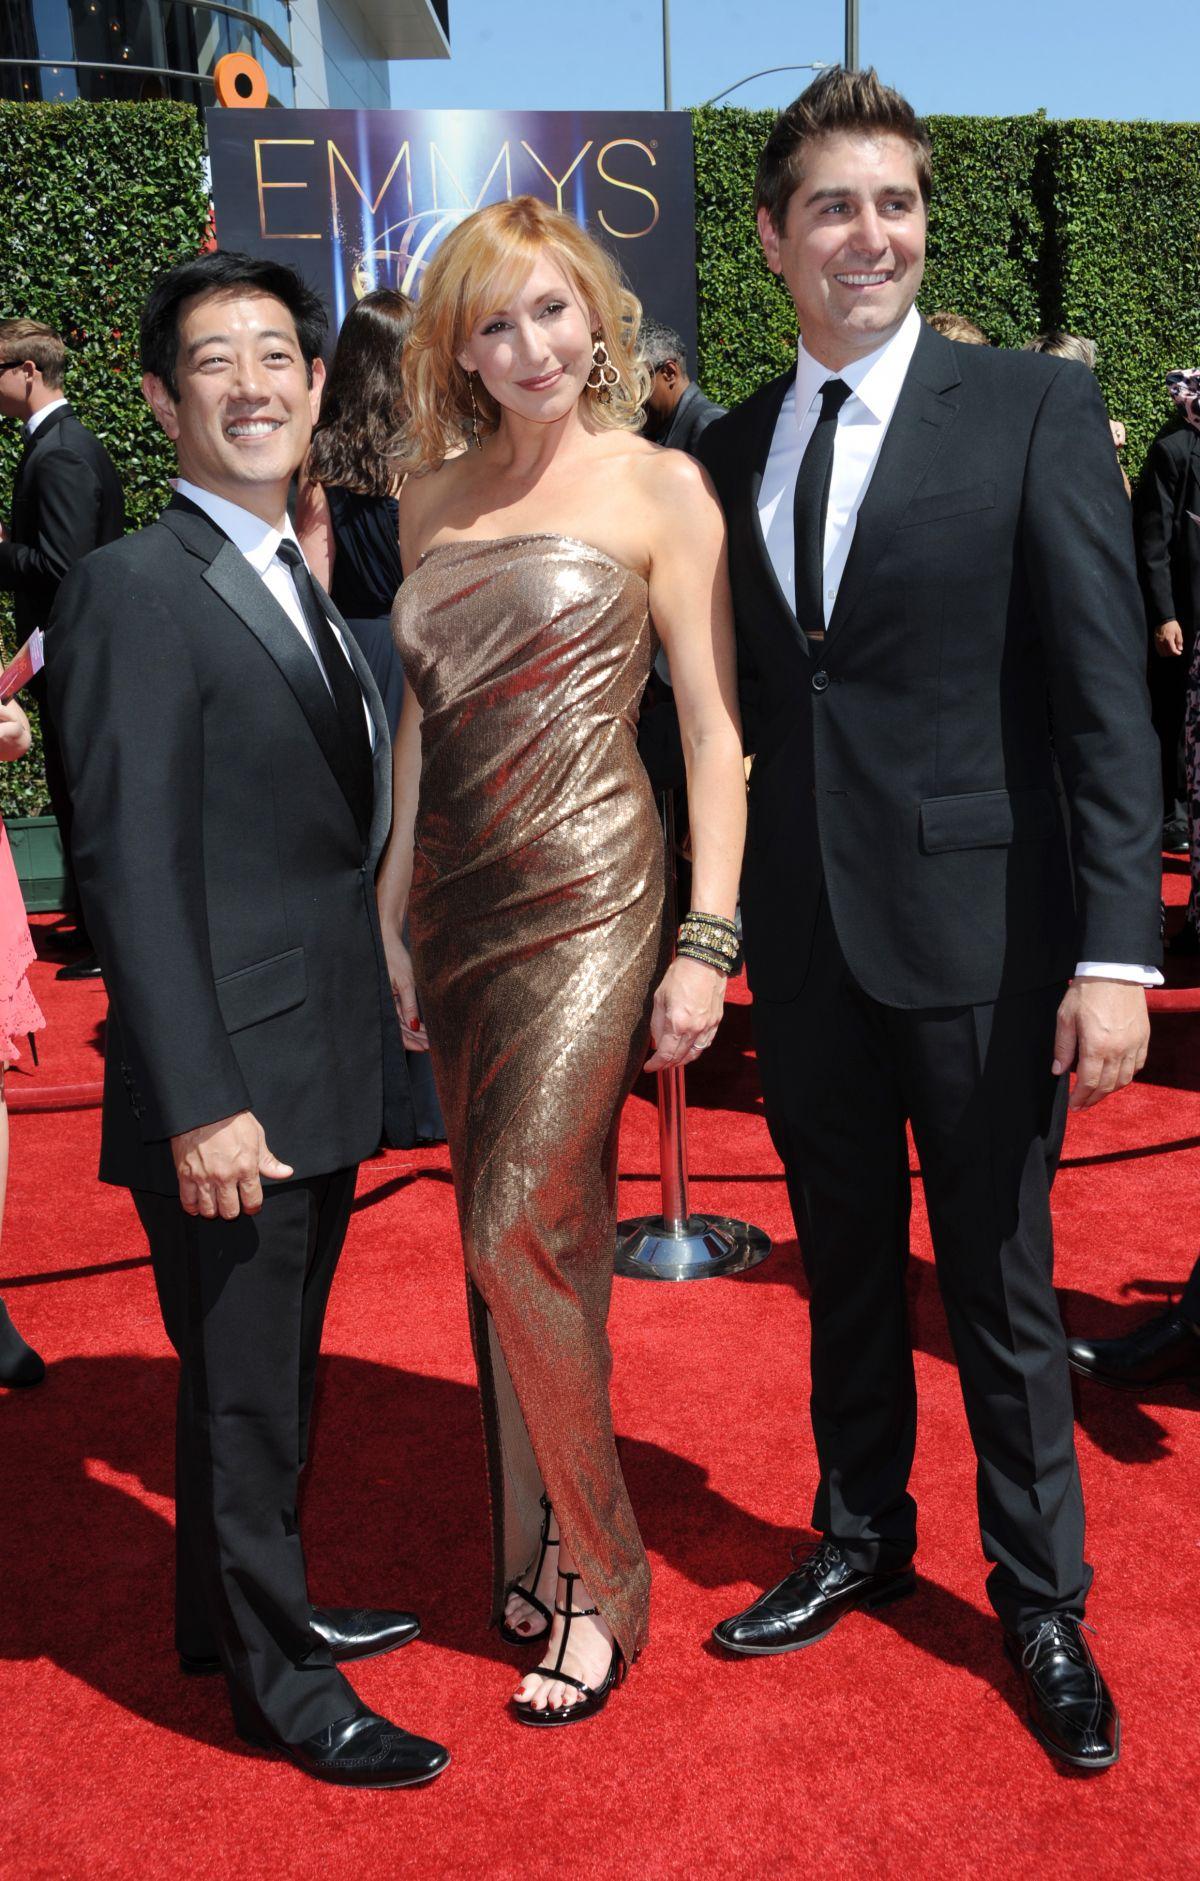 KARI BYRON at 2014 Creative Arts Emmy Awards in Los Angeles